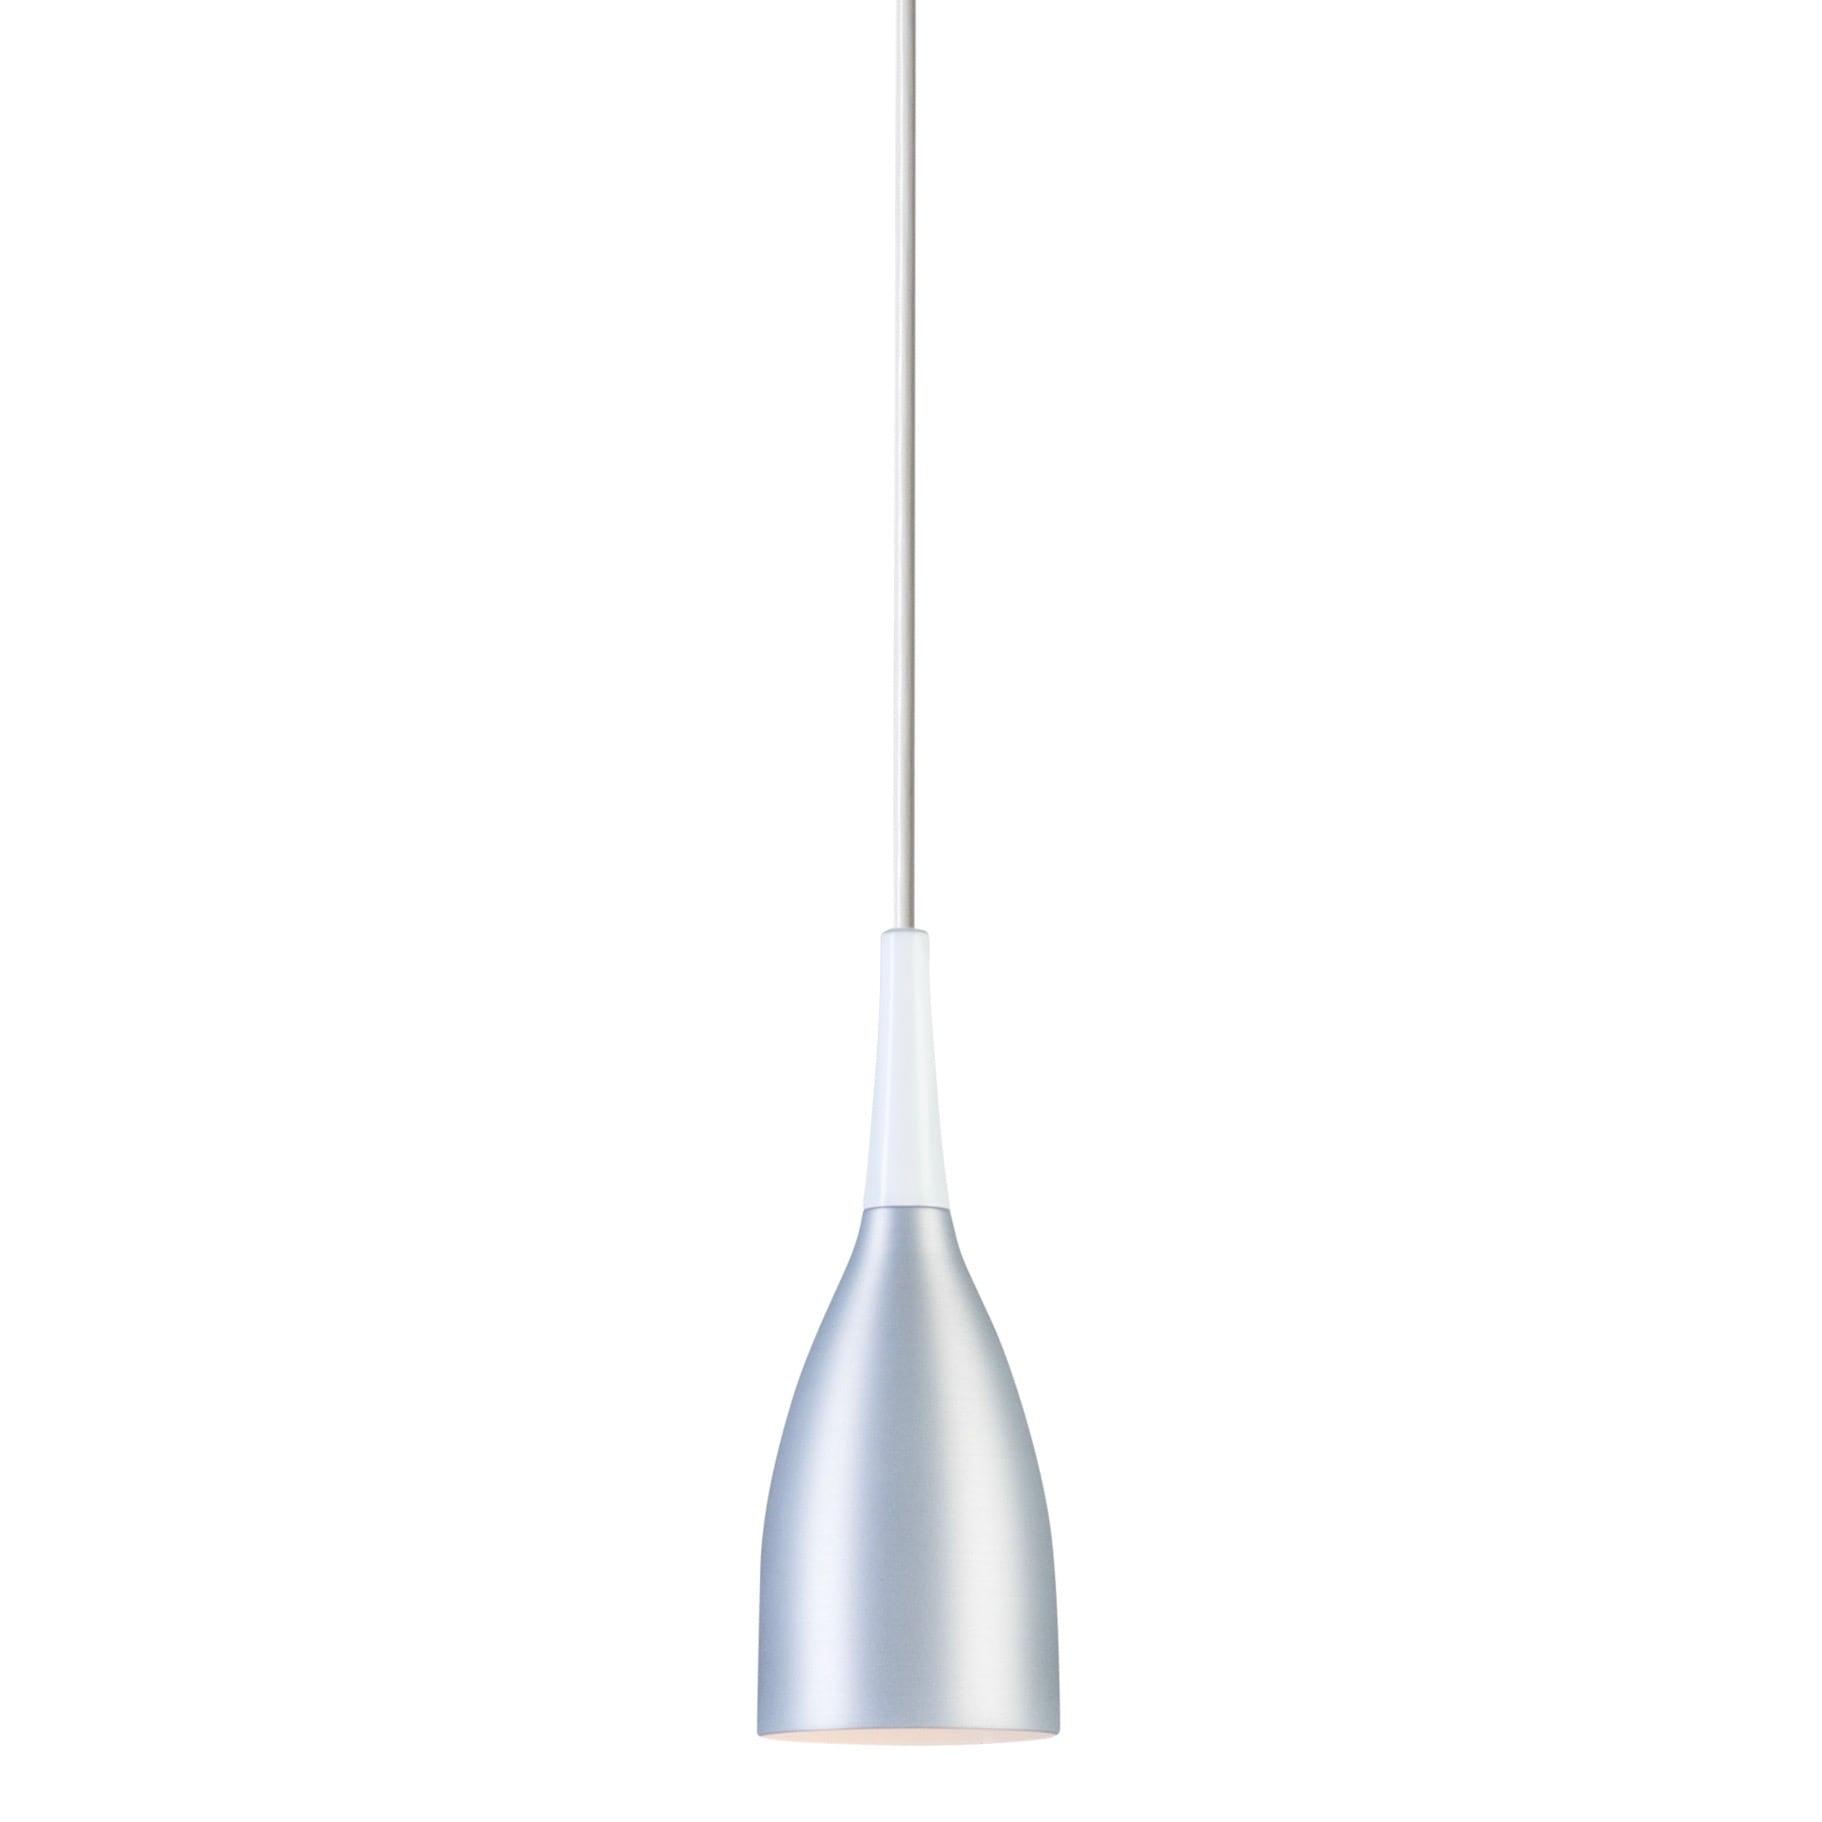 Anemon liten taklampa silveroxid